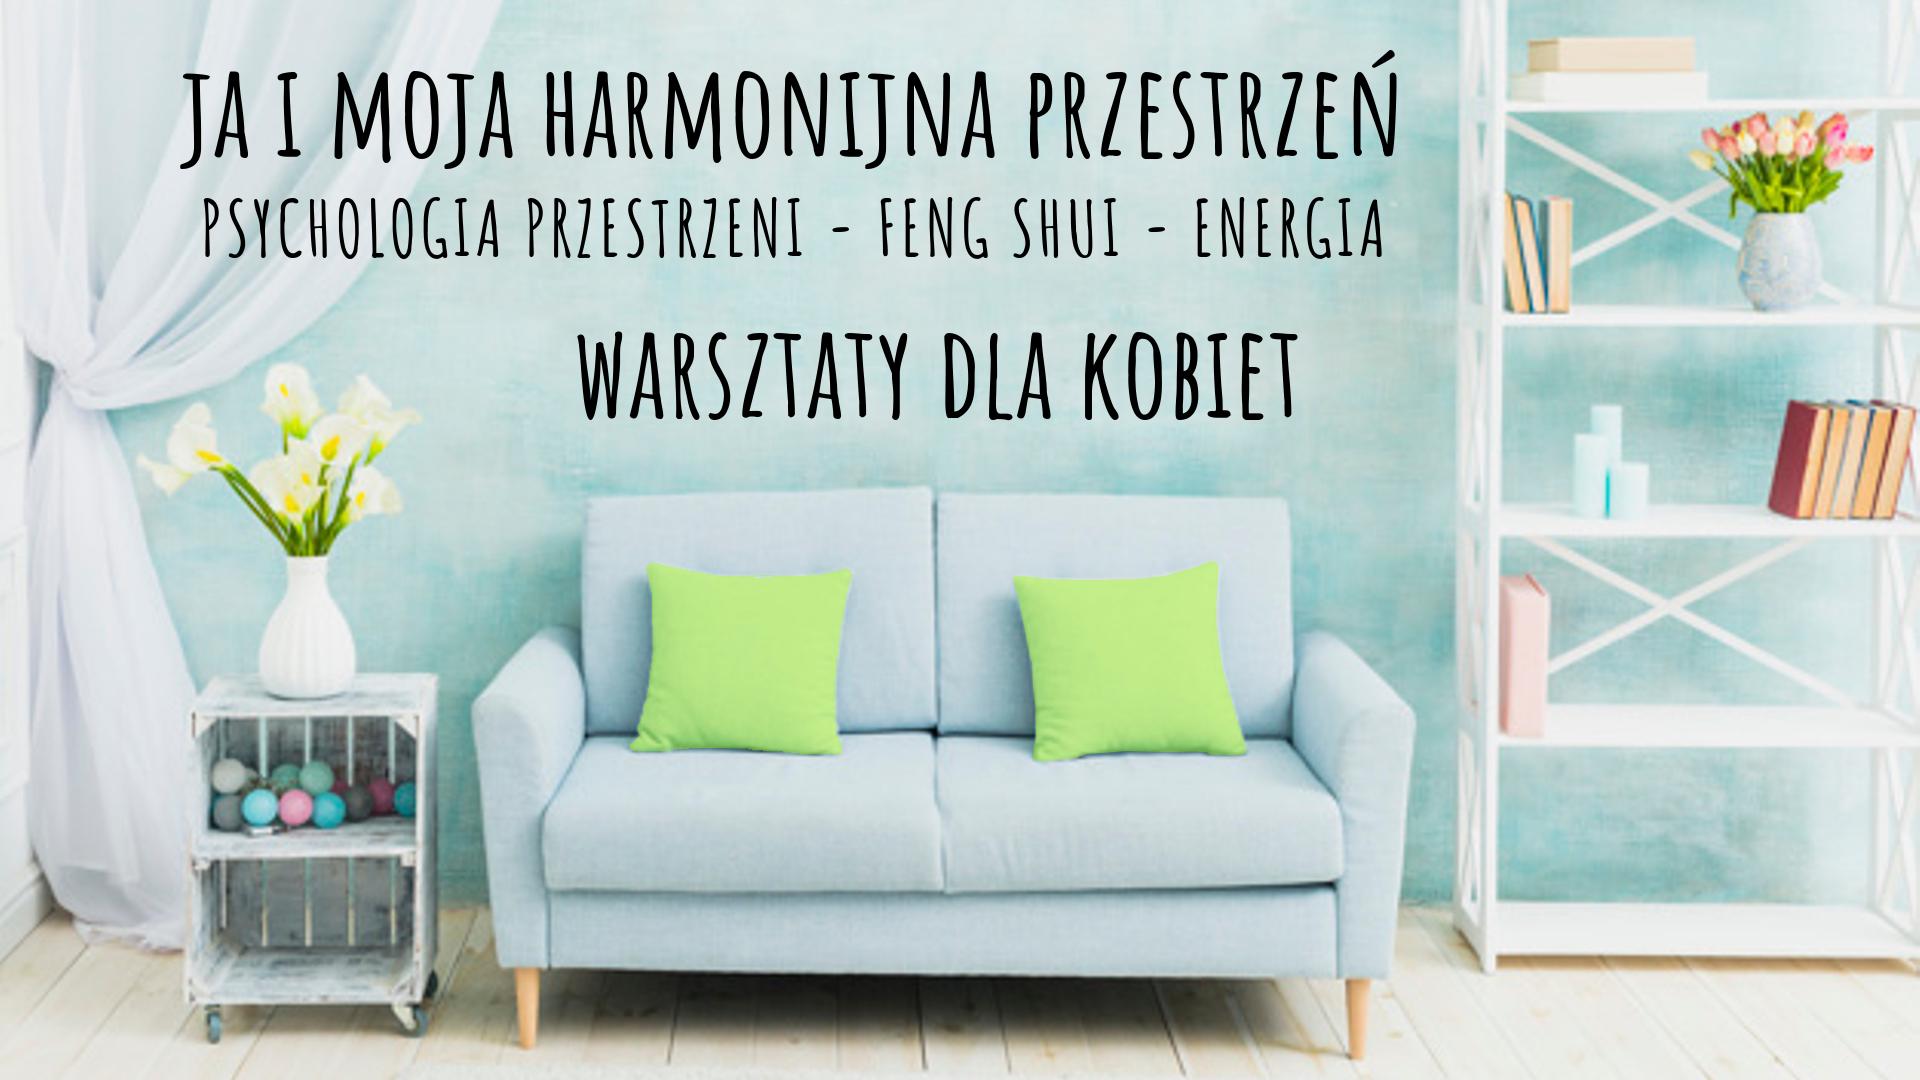 Warsztaty dla kobiet we Wrocławiu 30.11.2019r  CRZ Krzywy Komin